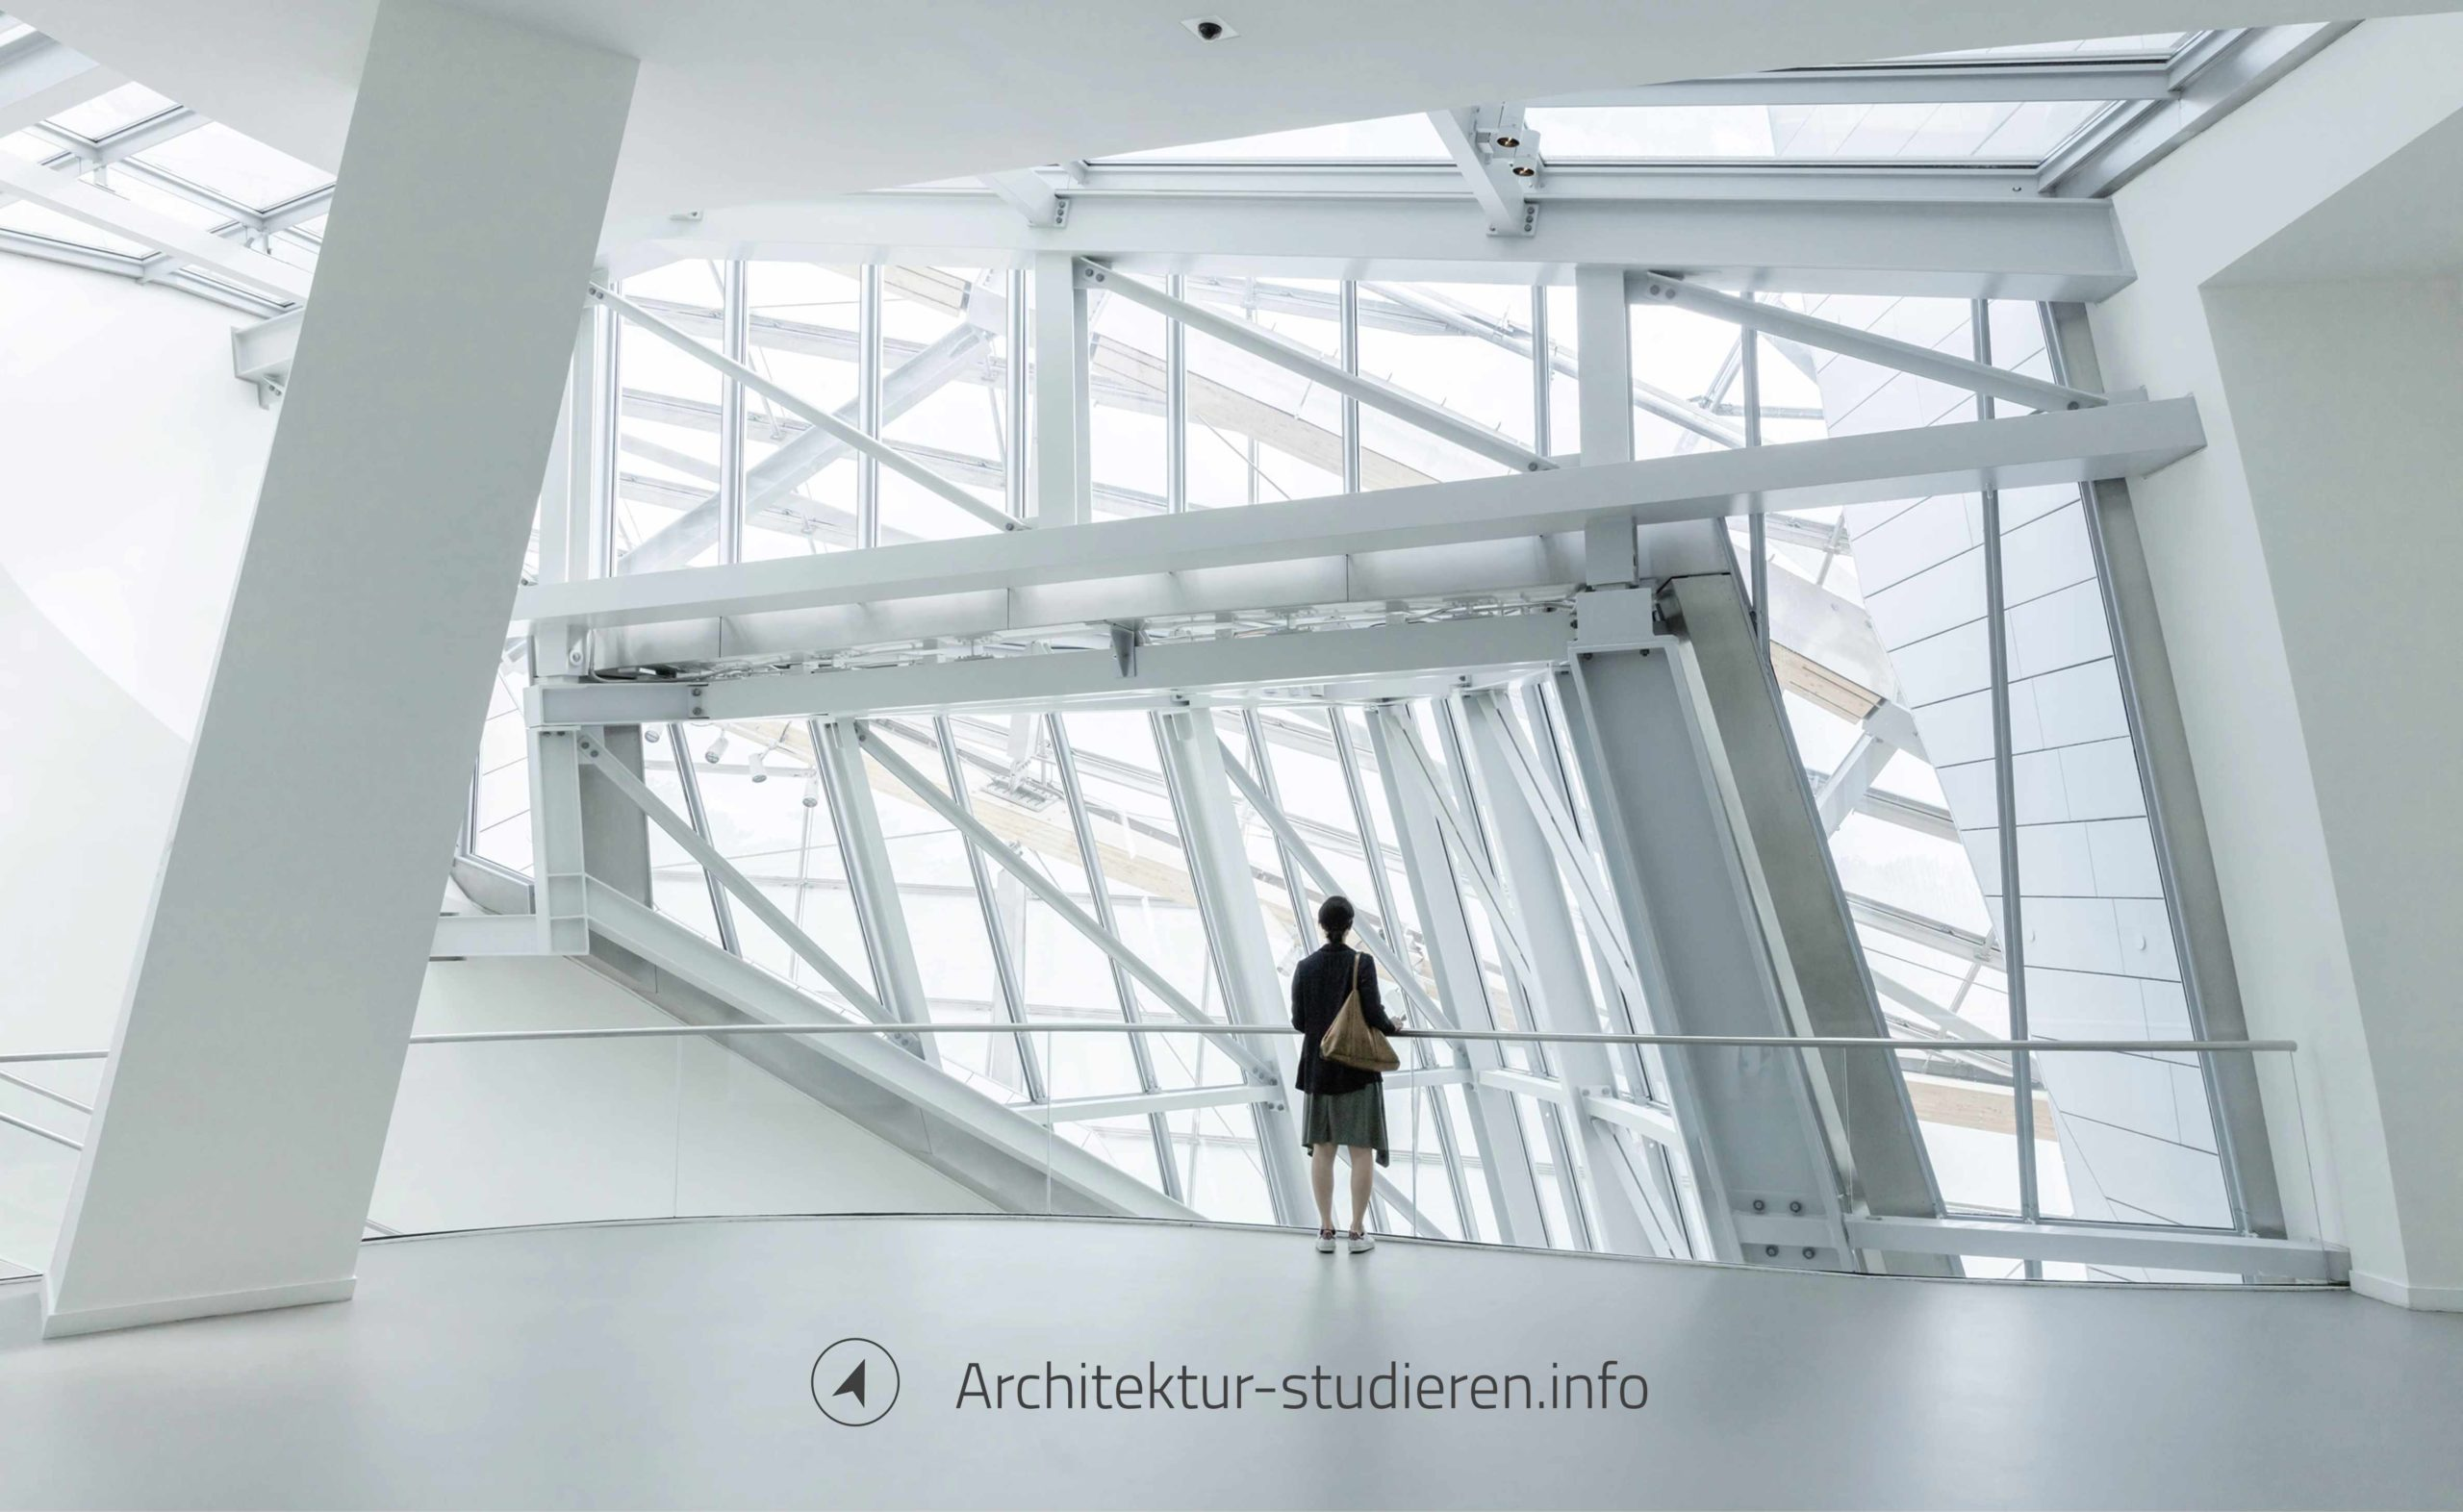 Architektur-Wettbewerbe für Student*innen 2020/2021 – Antworten auf eure Fragen zu Wettbewerben